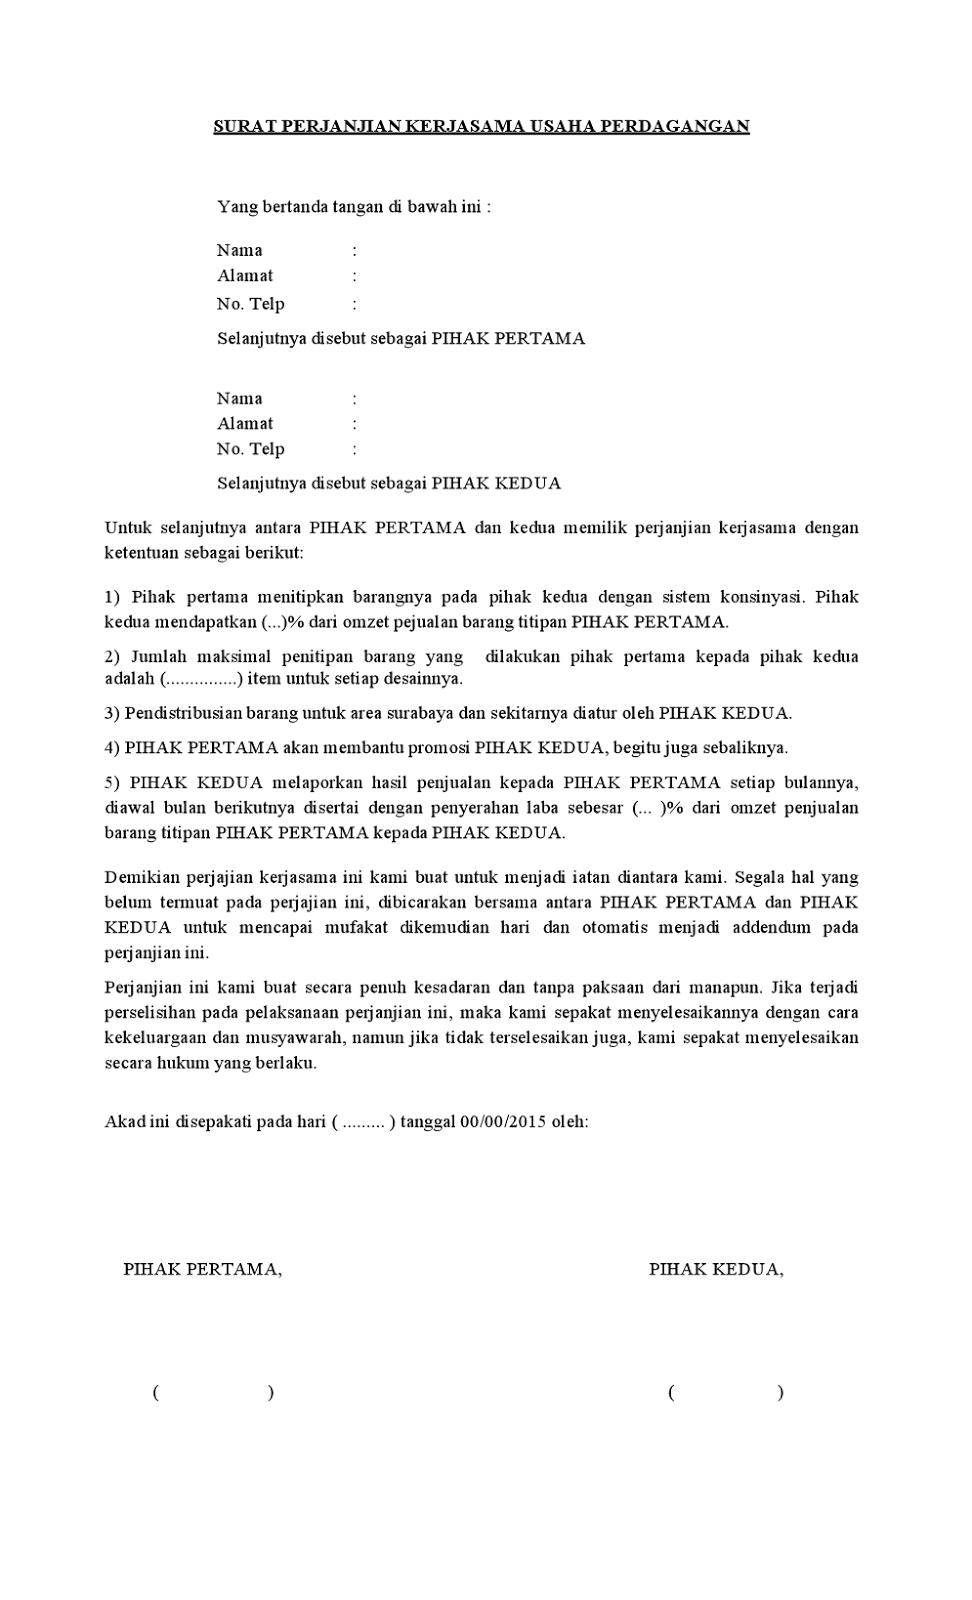 Contoh Surat Perjanjian Kerjasama Usaha Perdagangan Yang Baik dan Benar